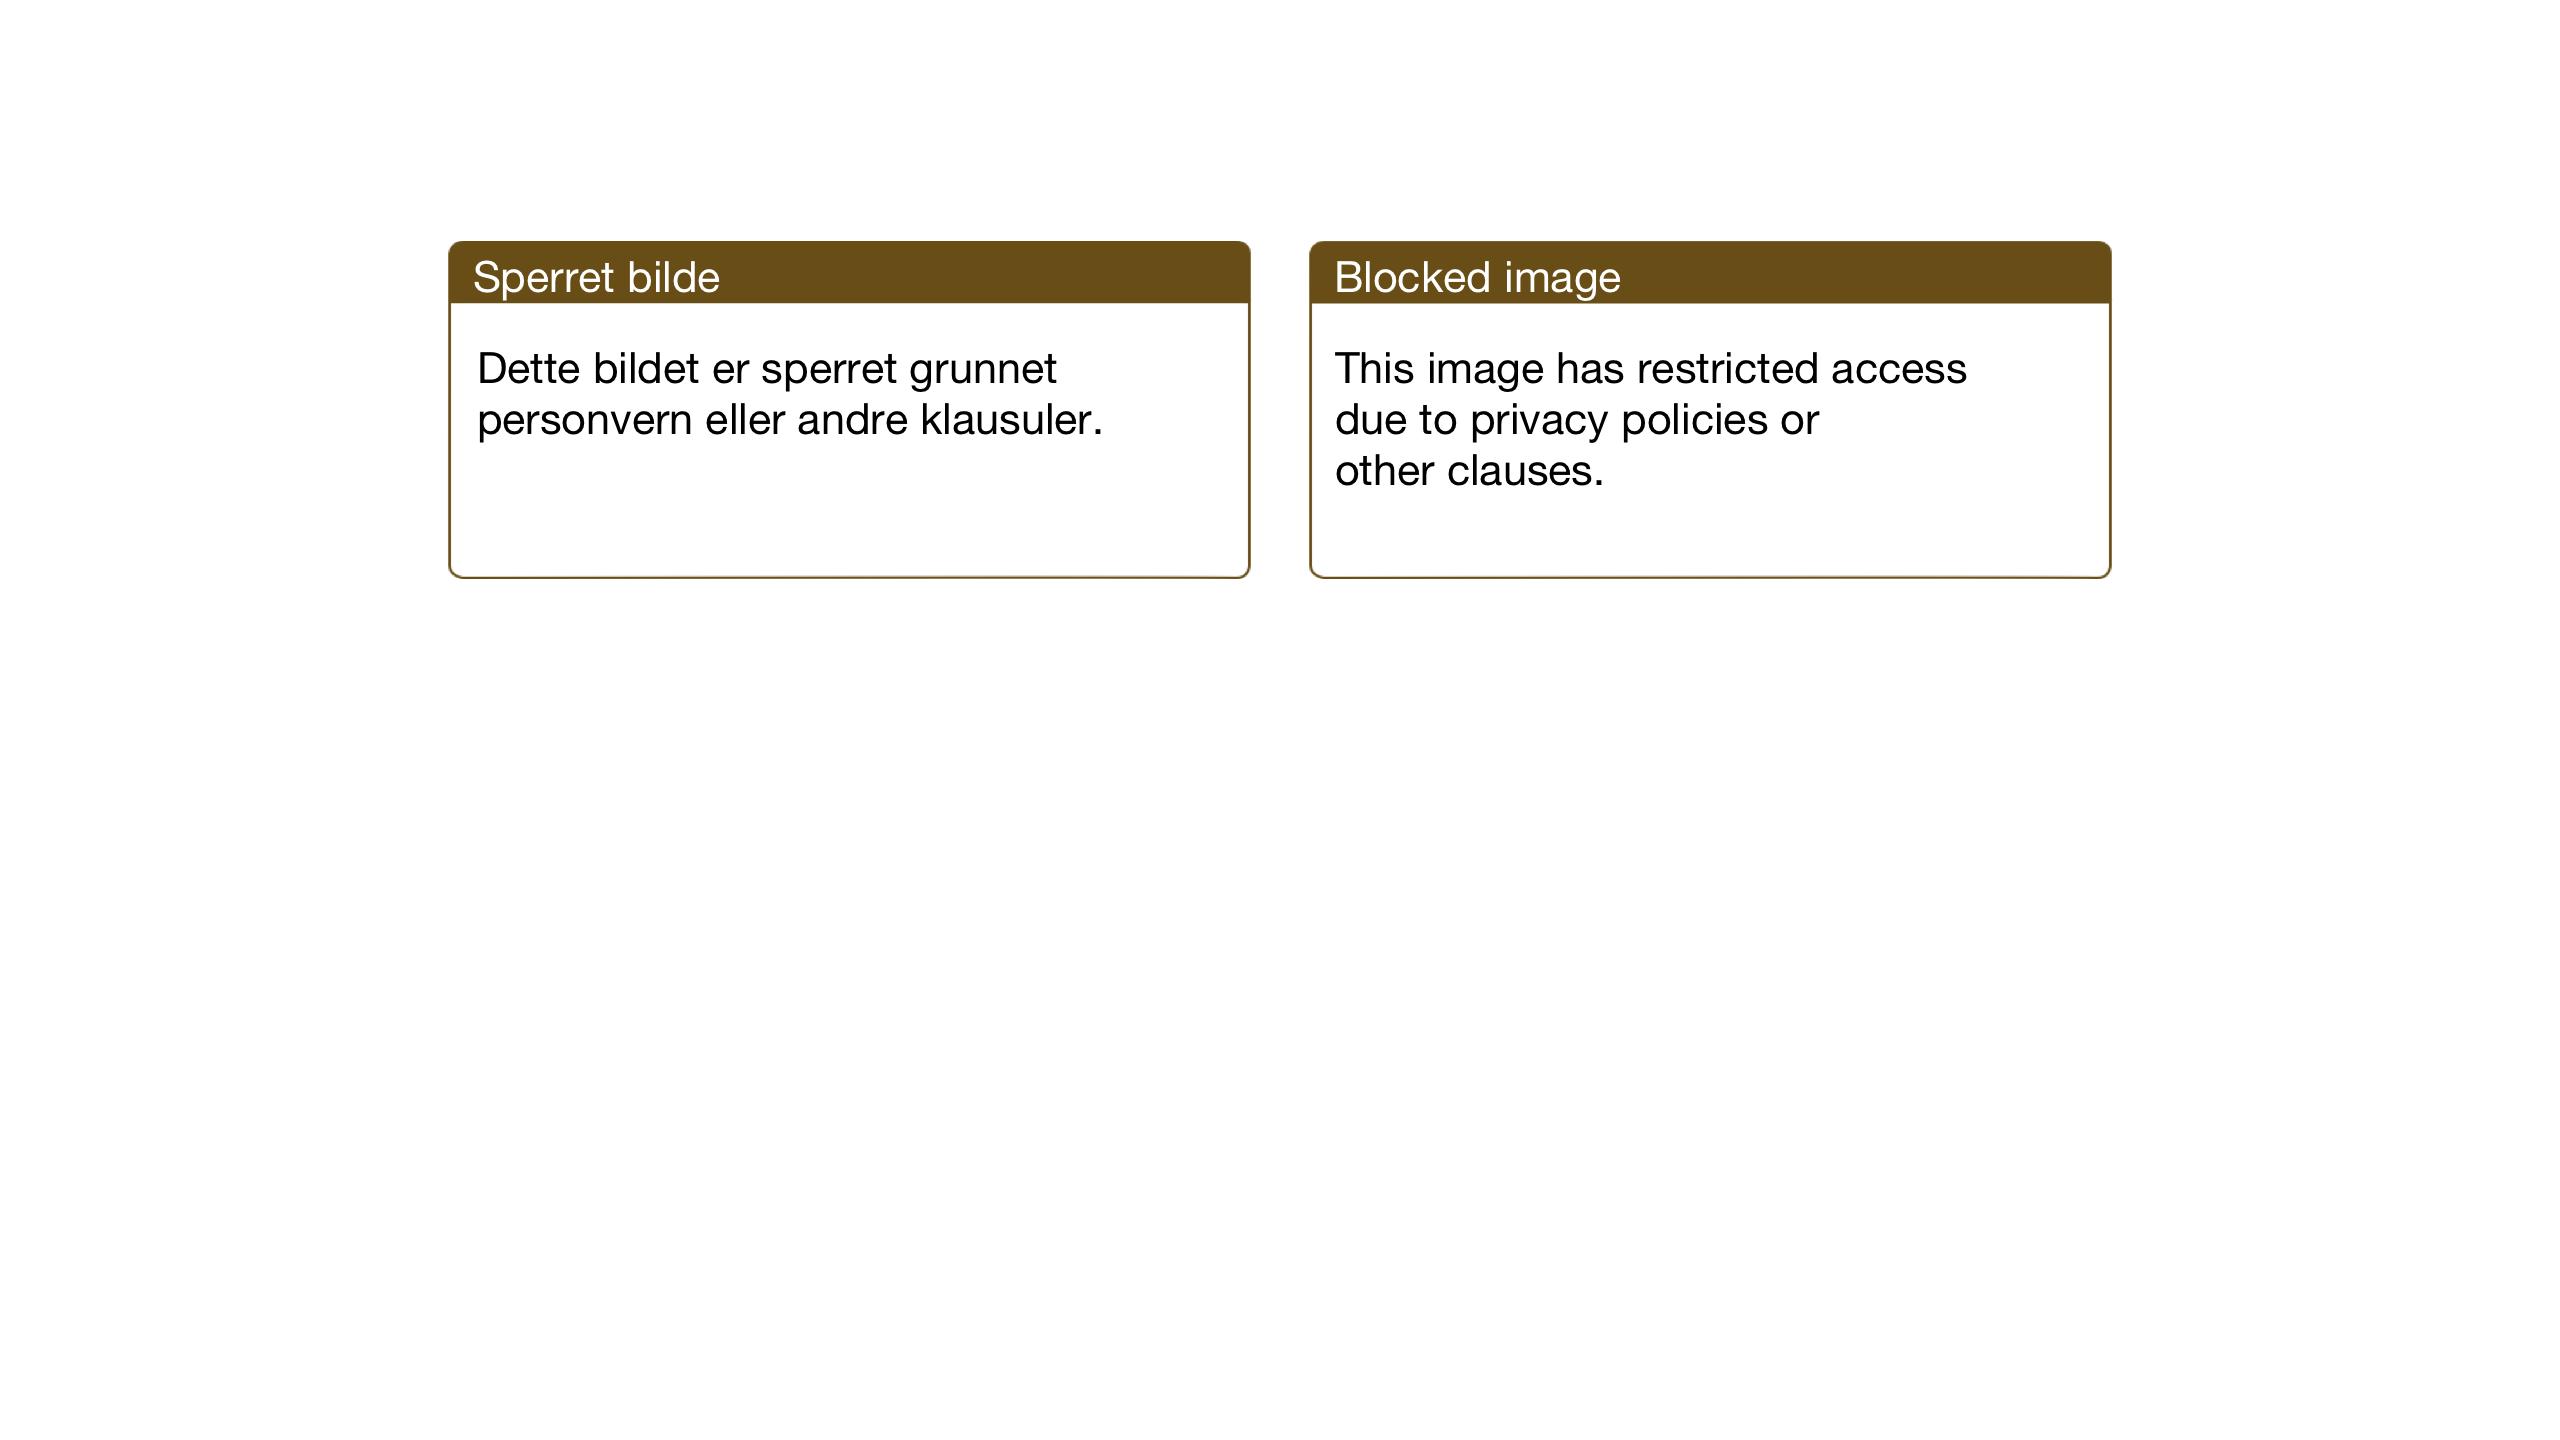 SAT, Ministerialprotokoller, klokkerbøker og fødselsregistre - Nord-Trøndelag, 744/L0425: Klokkerbok nr. 744C04, 1924-1947, s. 21